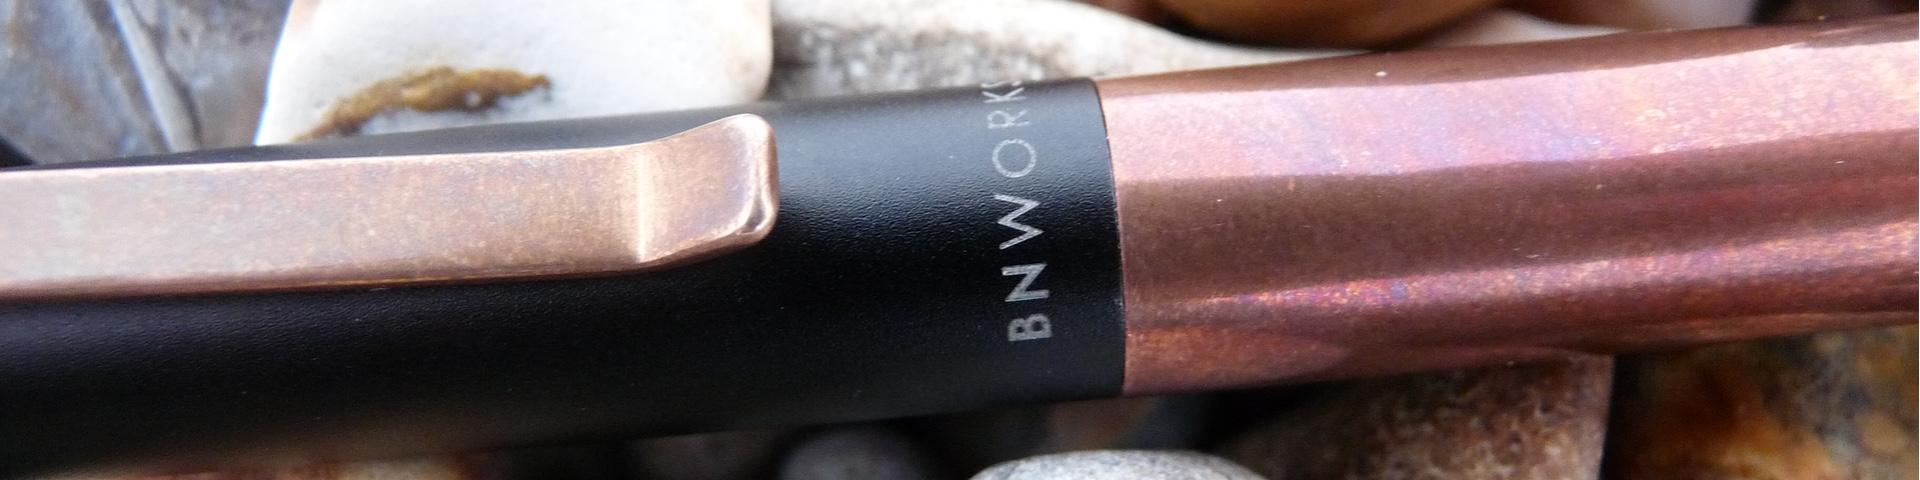 BN Works Twiist featured